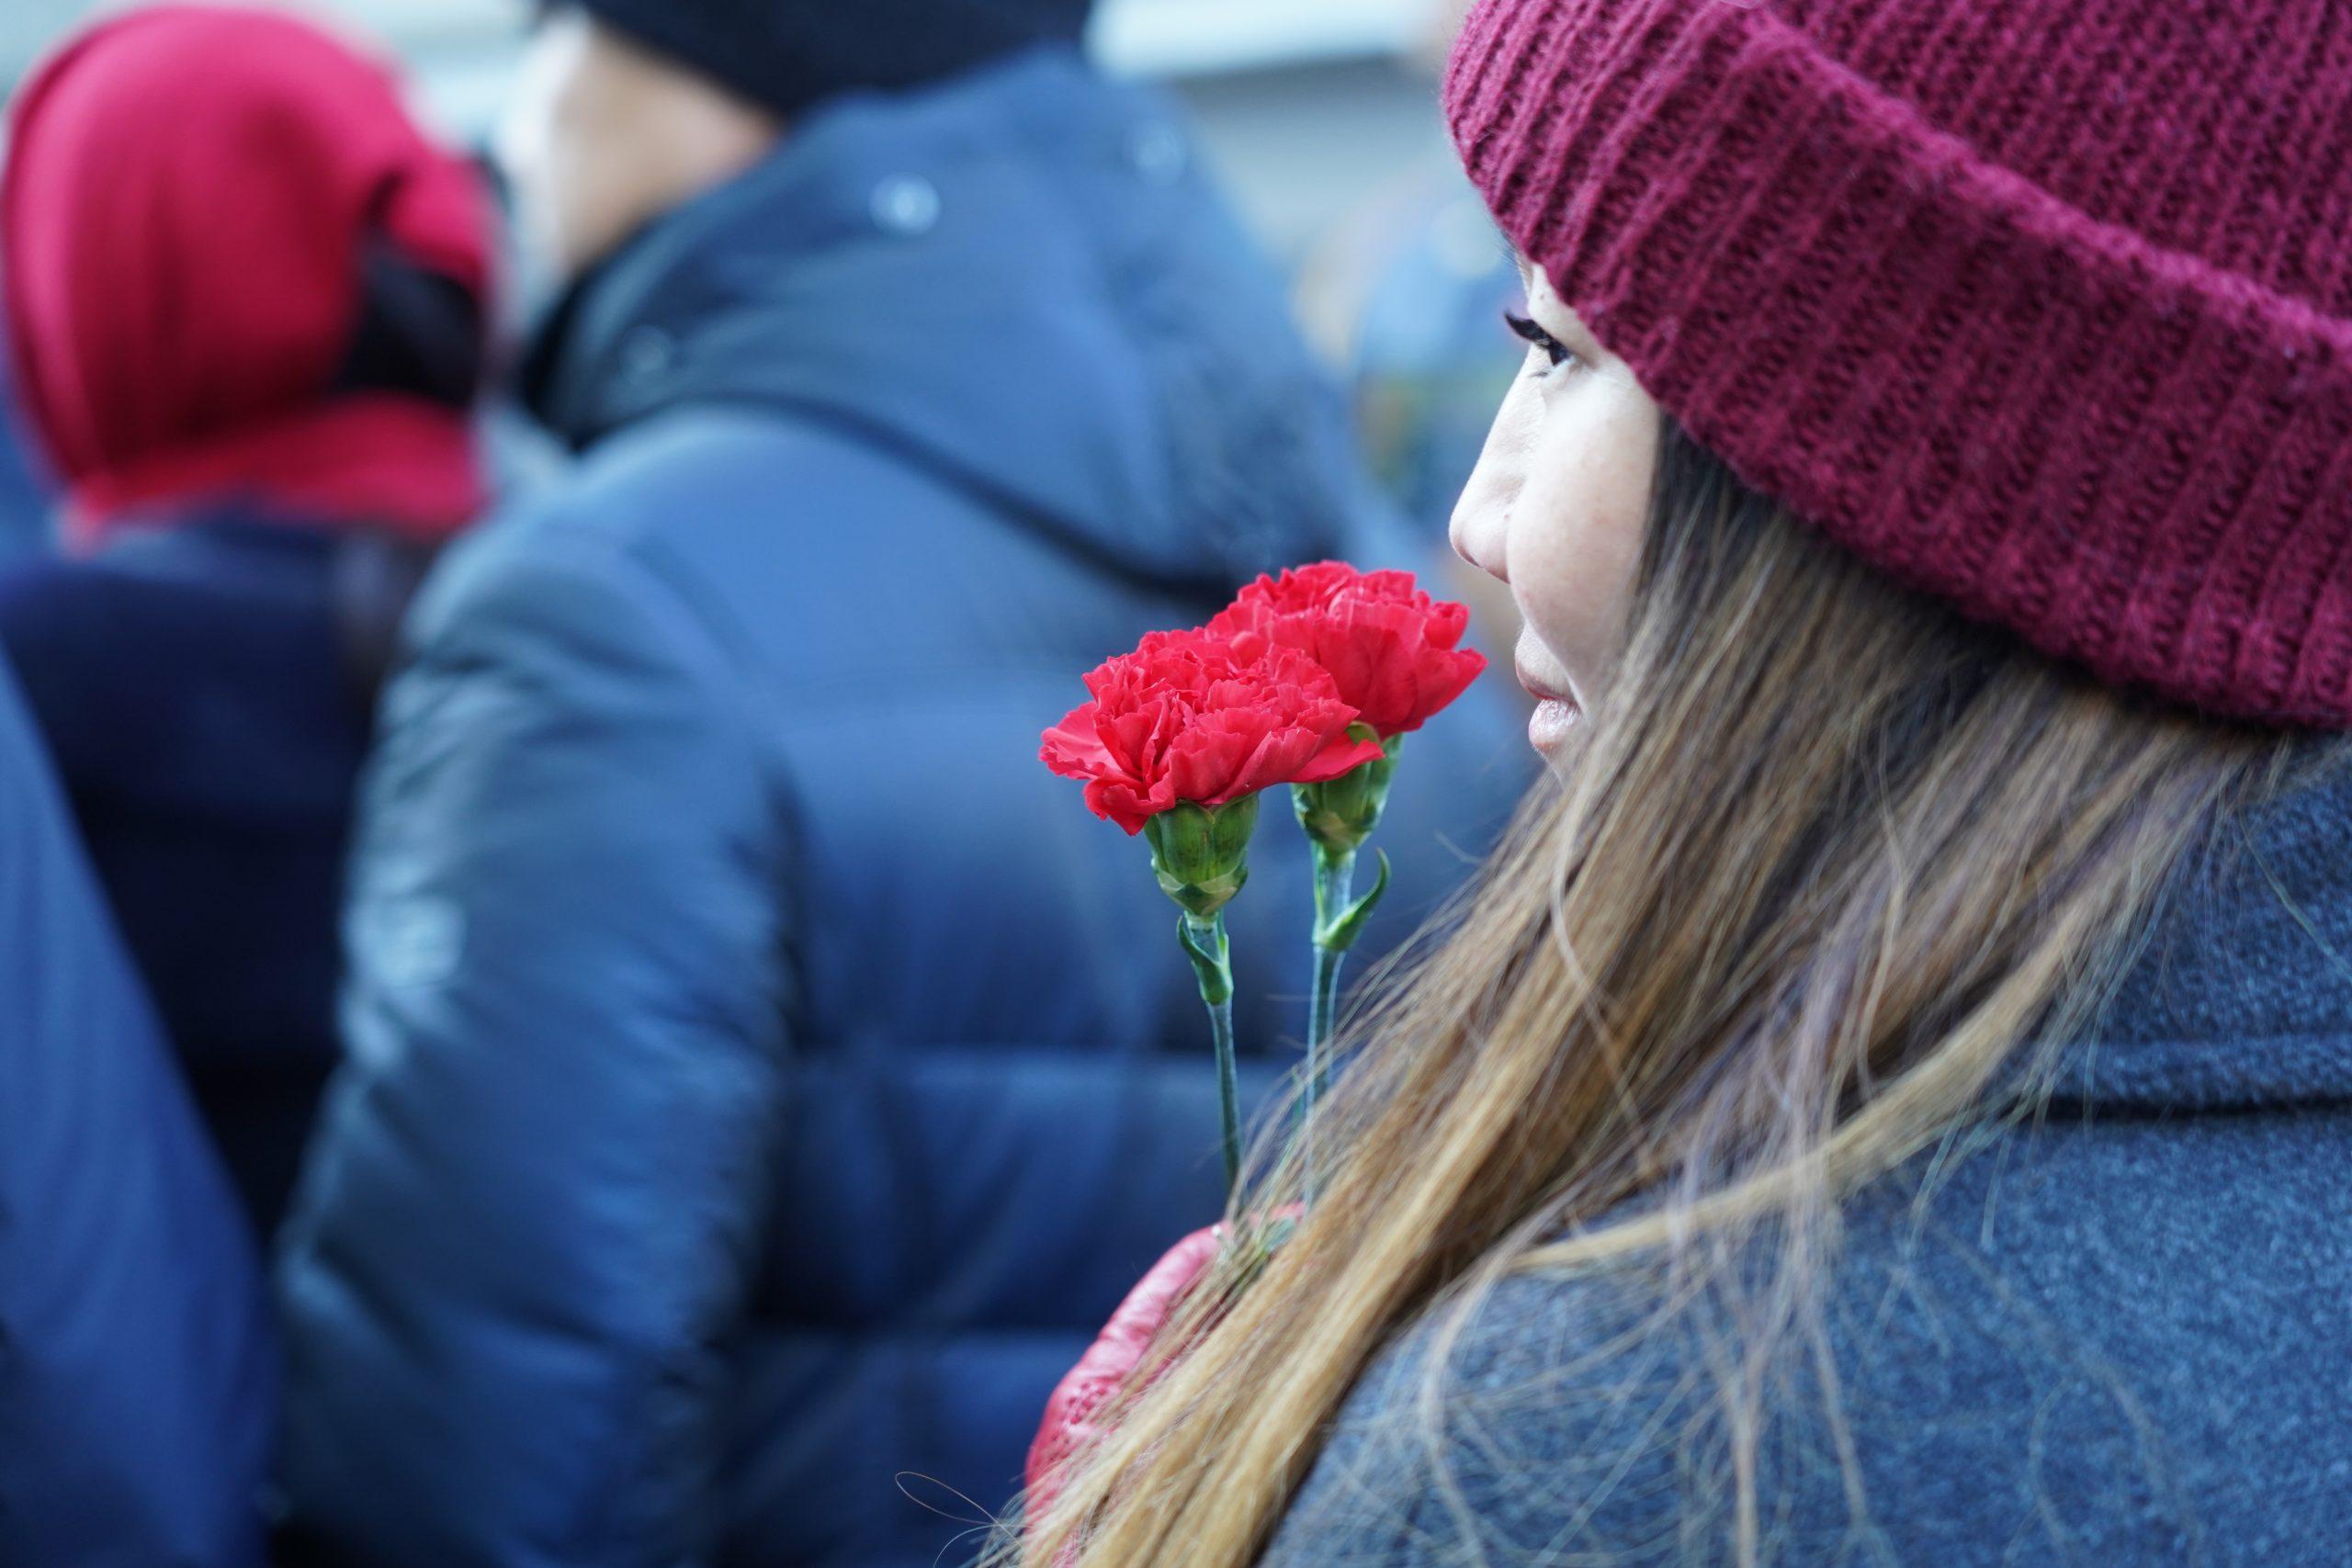 Видео ко Дню защитника Отечества подготовили сотрудники Культурного центра поселения Киевский